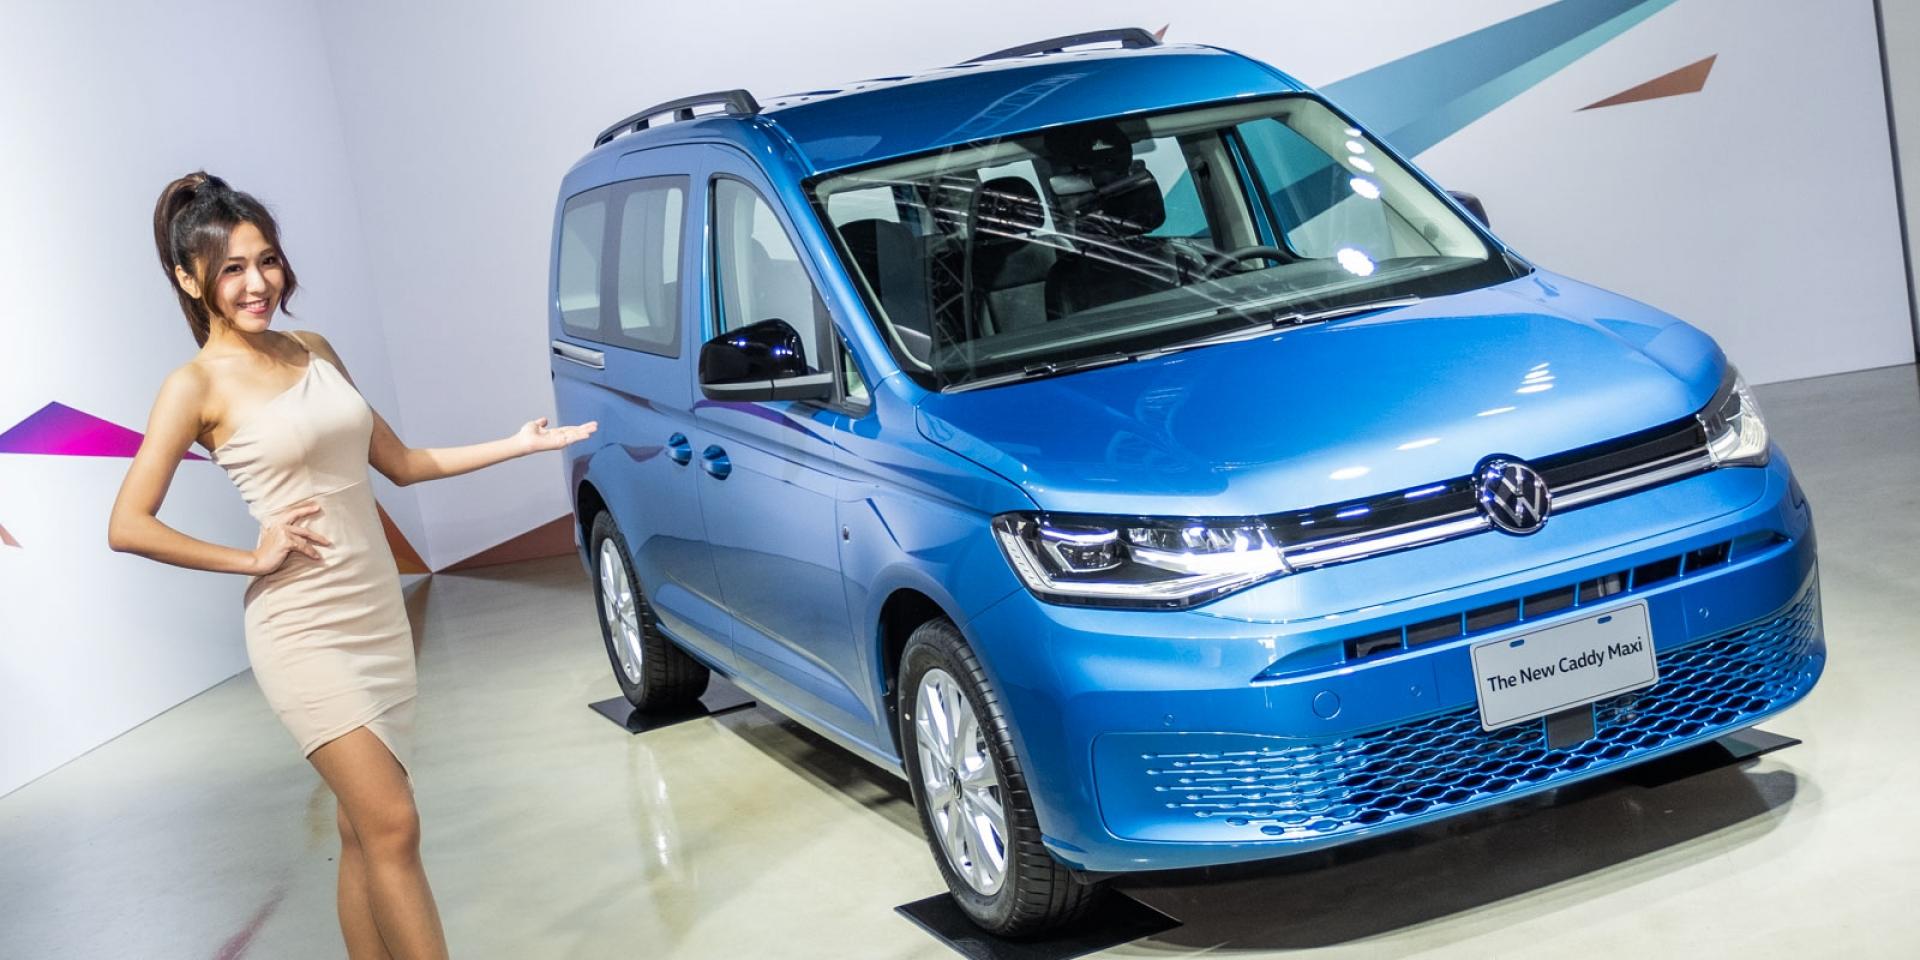 128.8萬元起、內裝舒適度大提升!福斯商旅Caddy Maxi預售開跑